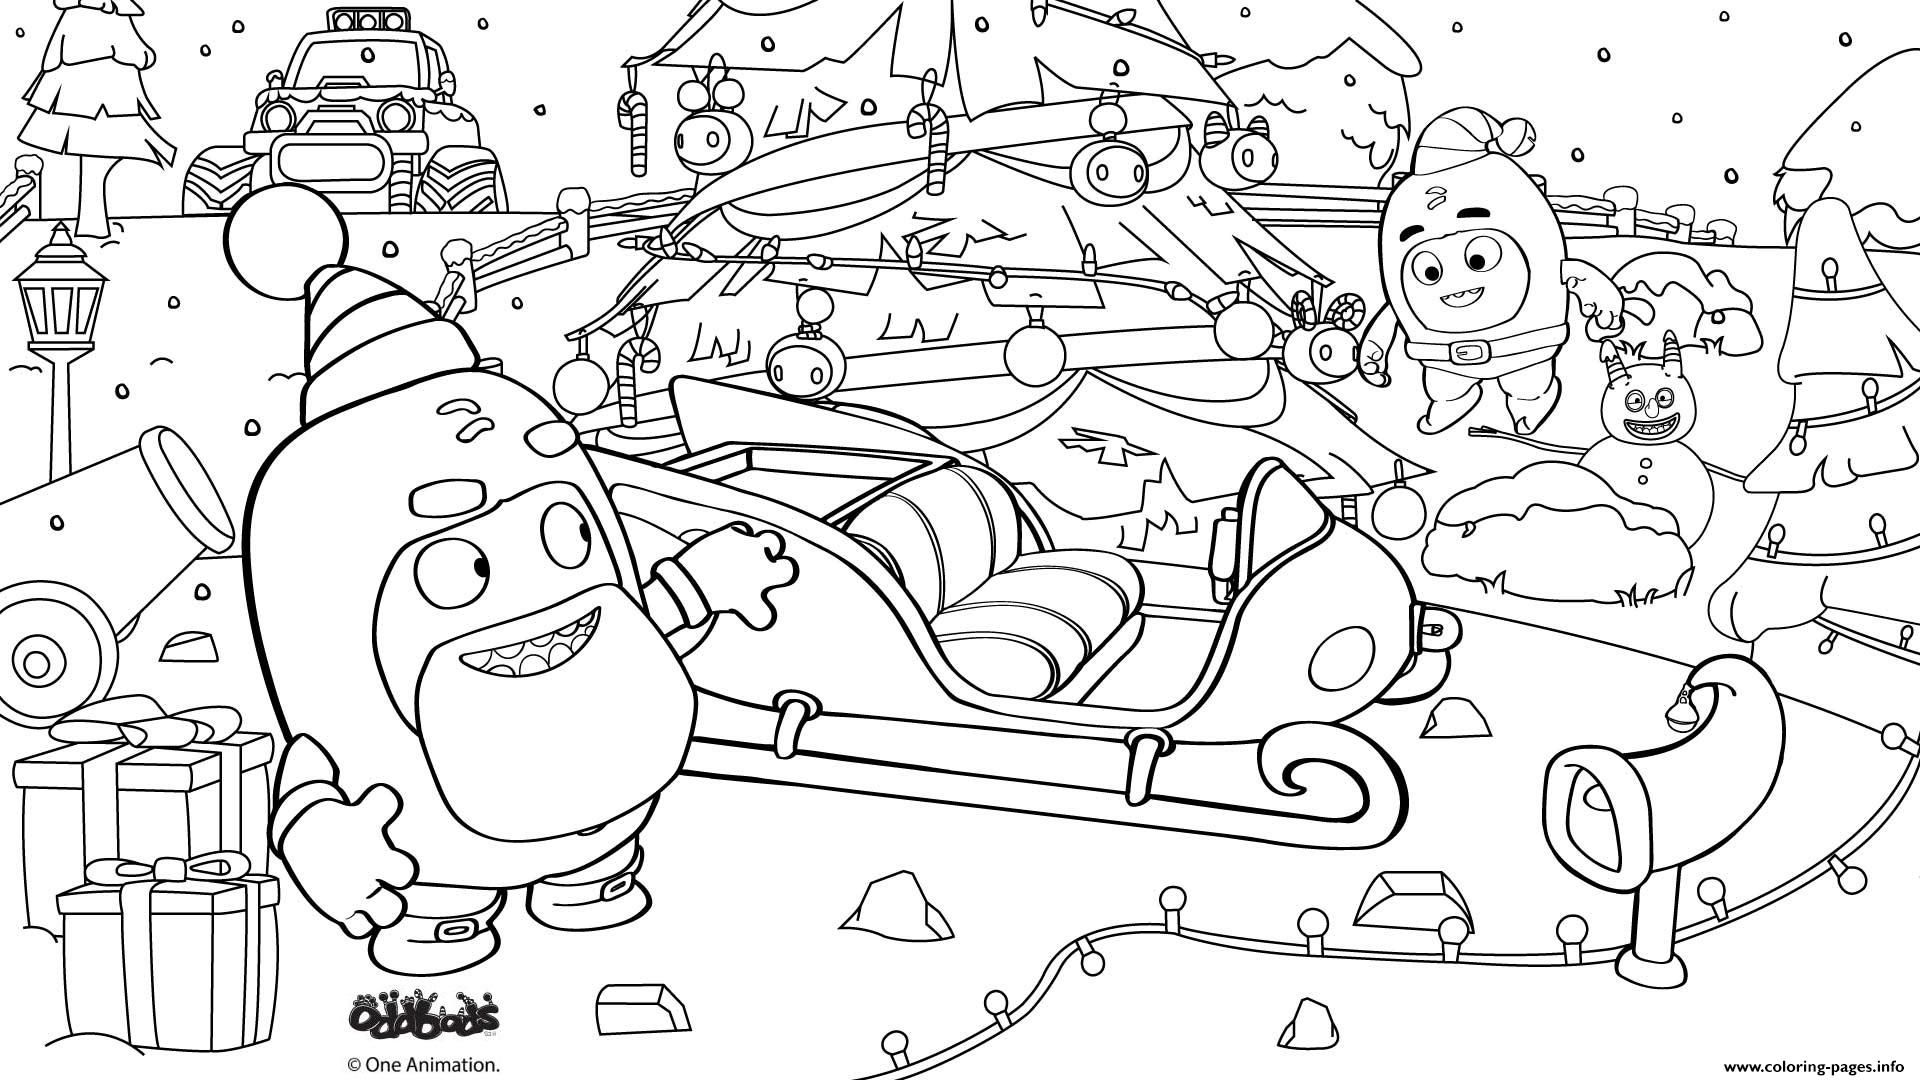 Free Christmas Coloring Pages Xmas Coloring Pages Minnie Lembar Mewarnai Warna